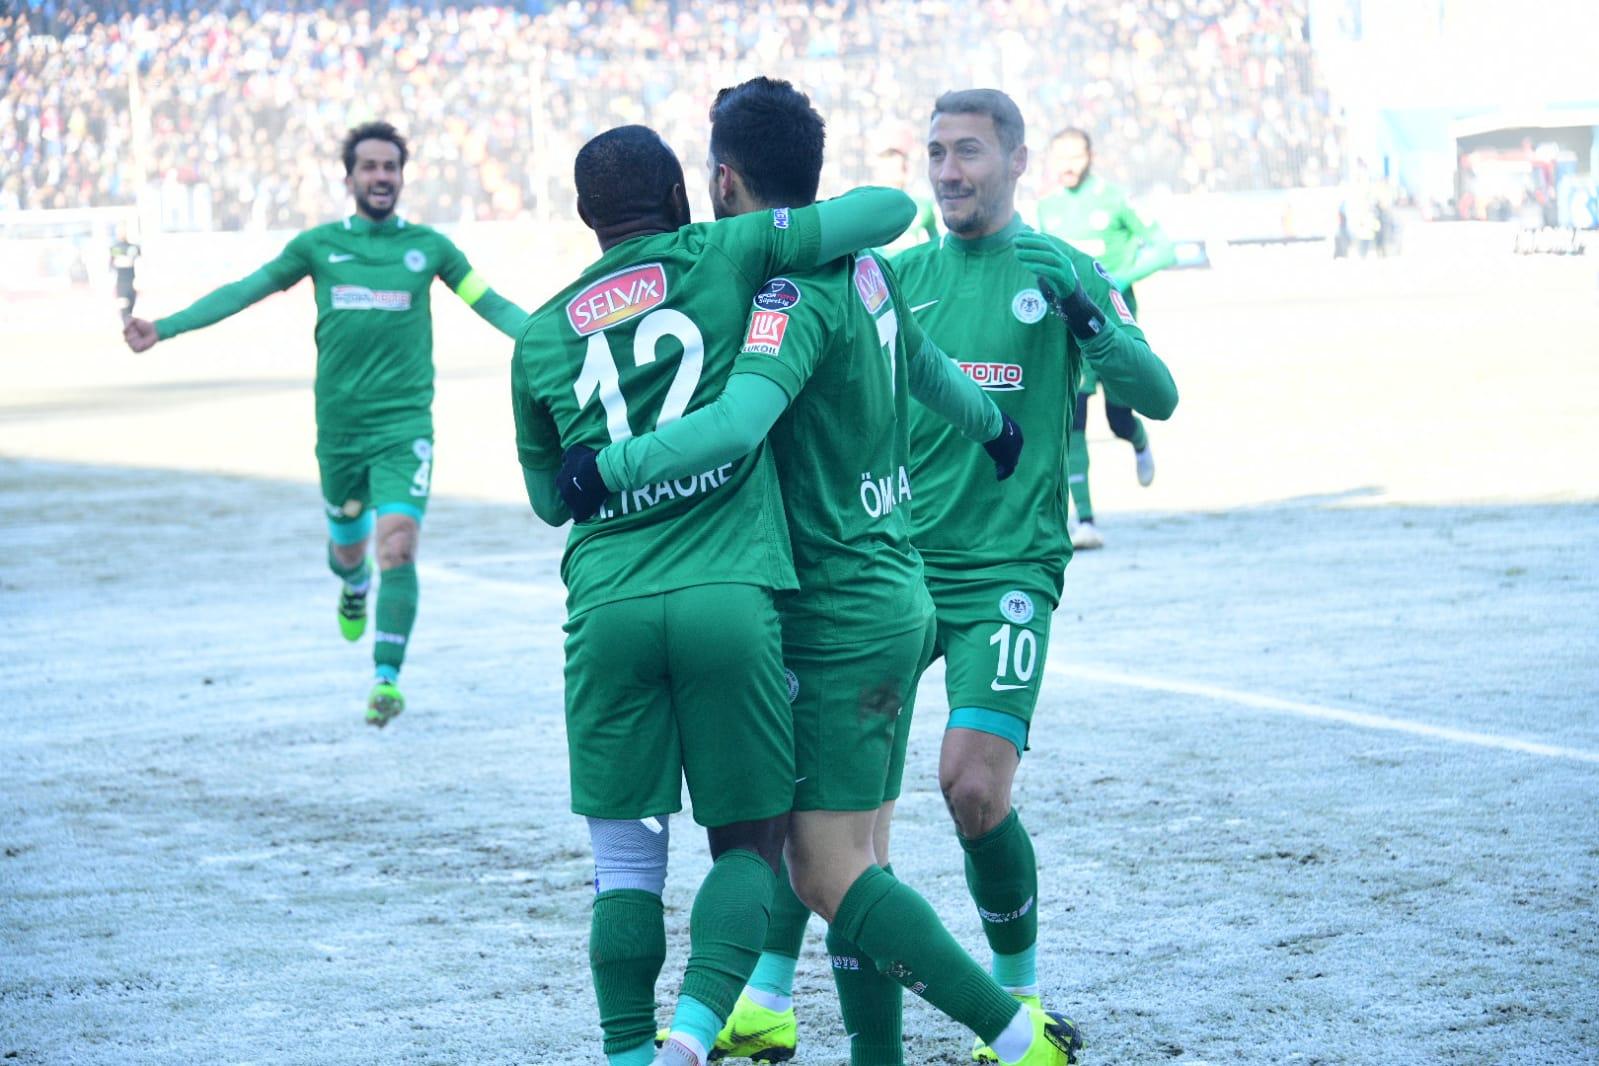 İkinci devreye deplasmanda aldığımız B.B.Erzurumspor galibiyetiyle başladık